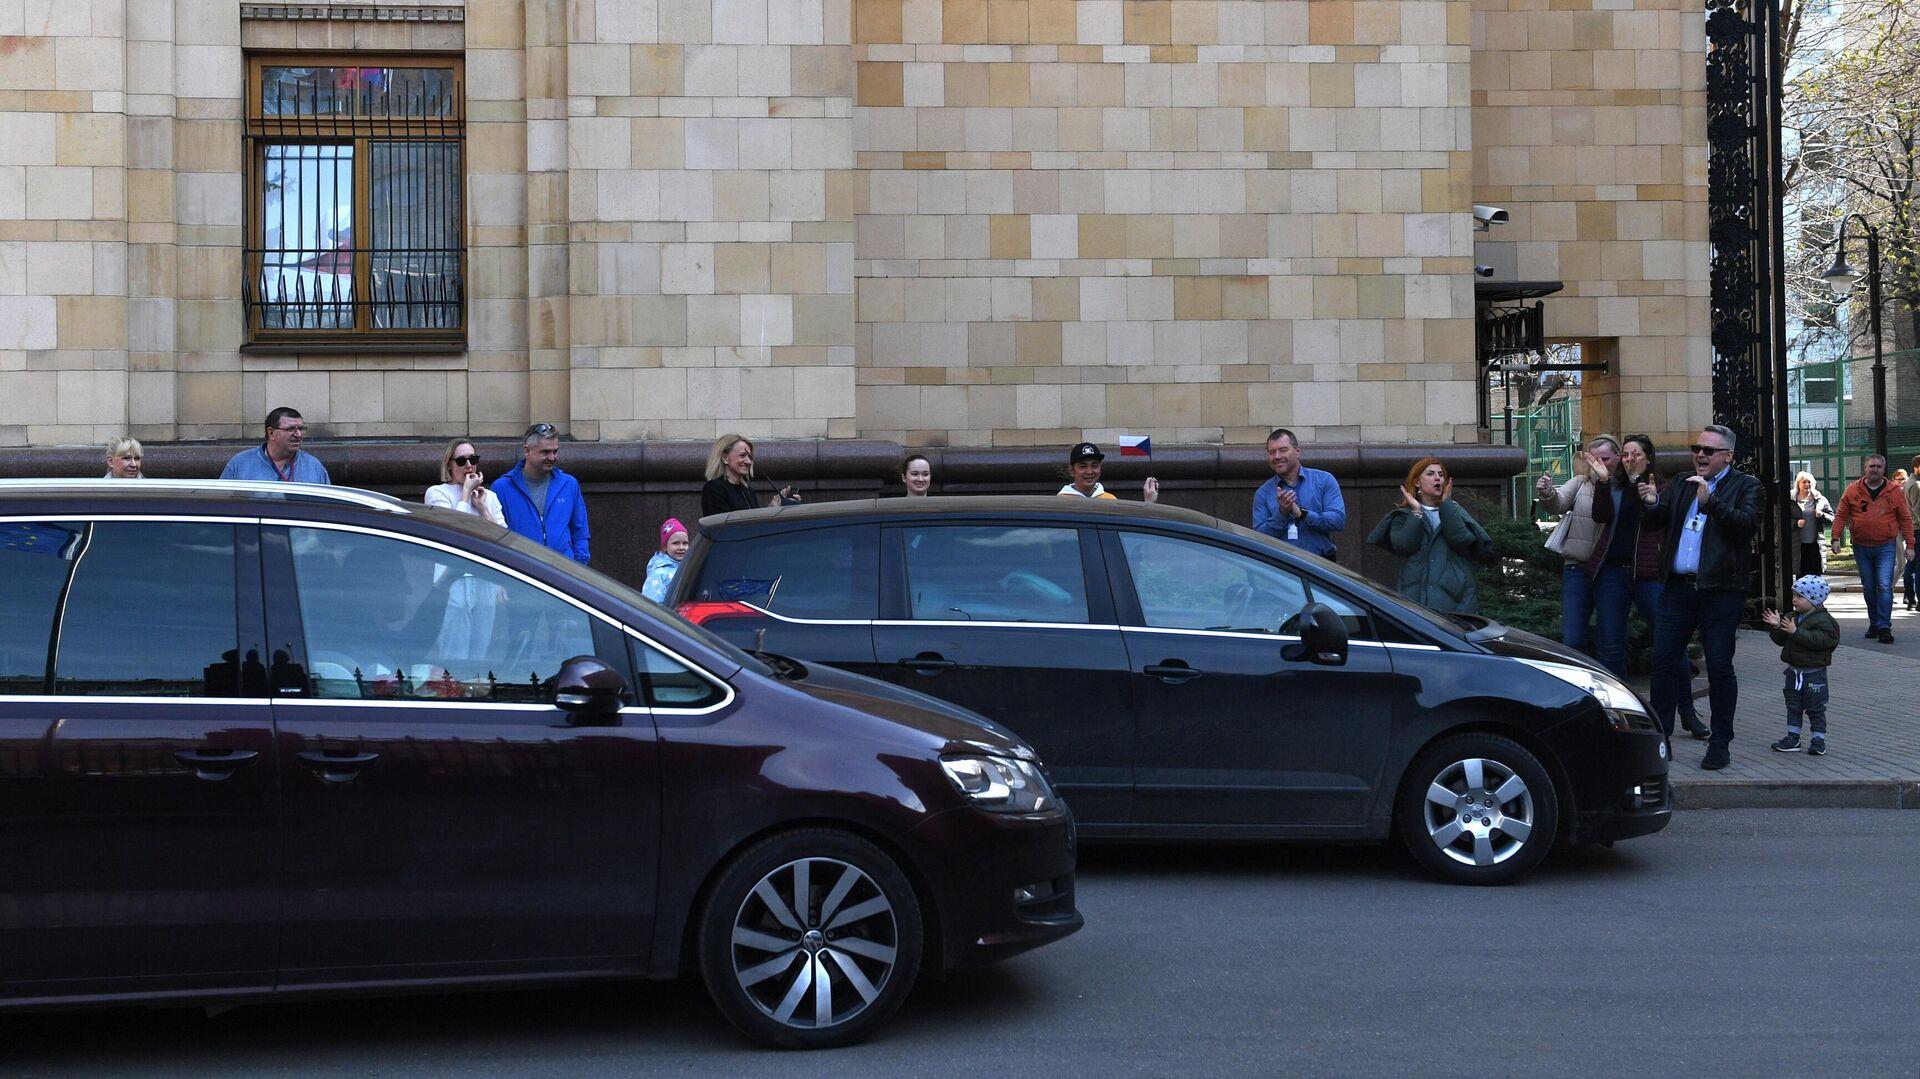 Автомобиль выезжают с территории посольства Чешской республики в Москве - РИА Новости, 1920, 21.04.2021